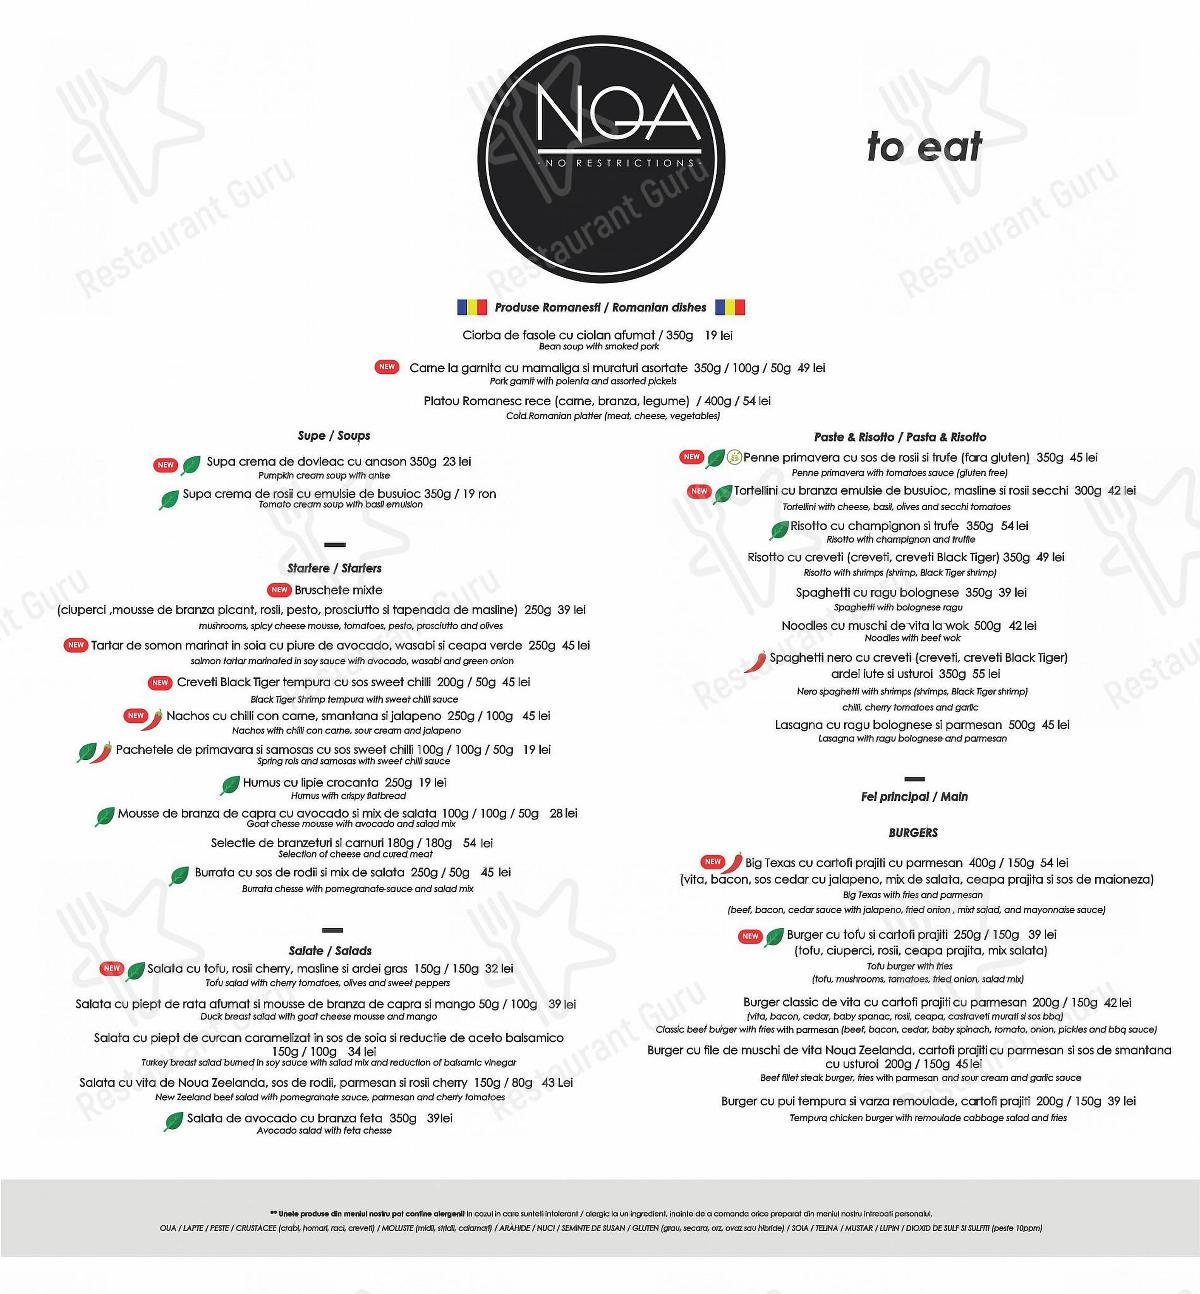 Carta de Noa restoclub - comidas y bebidas